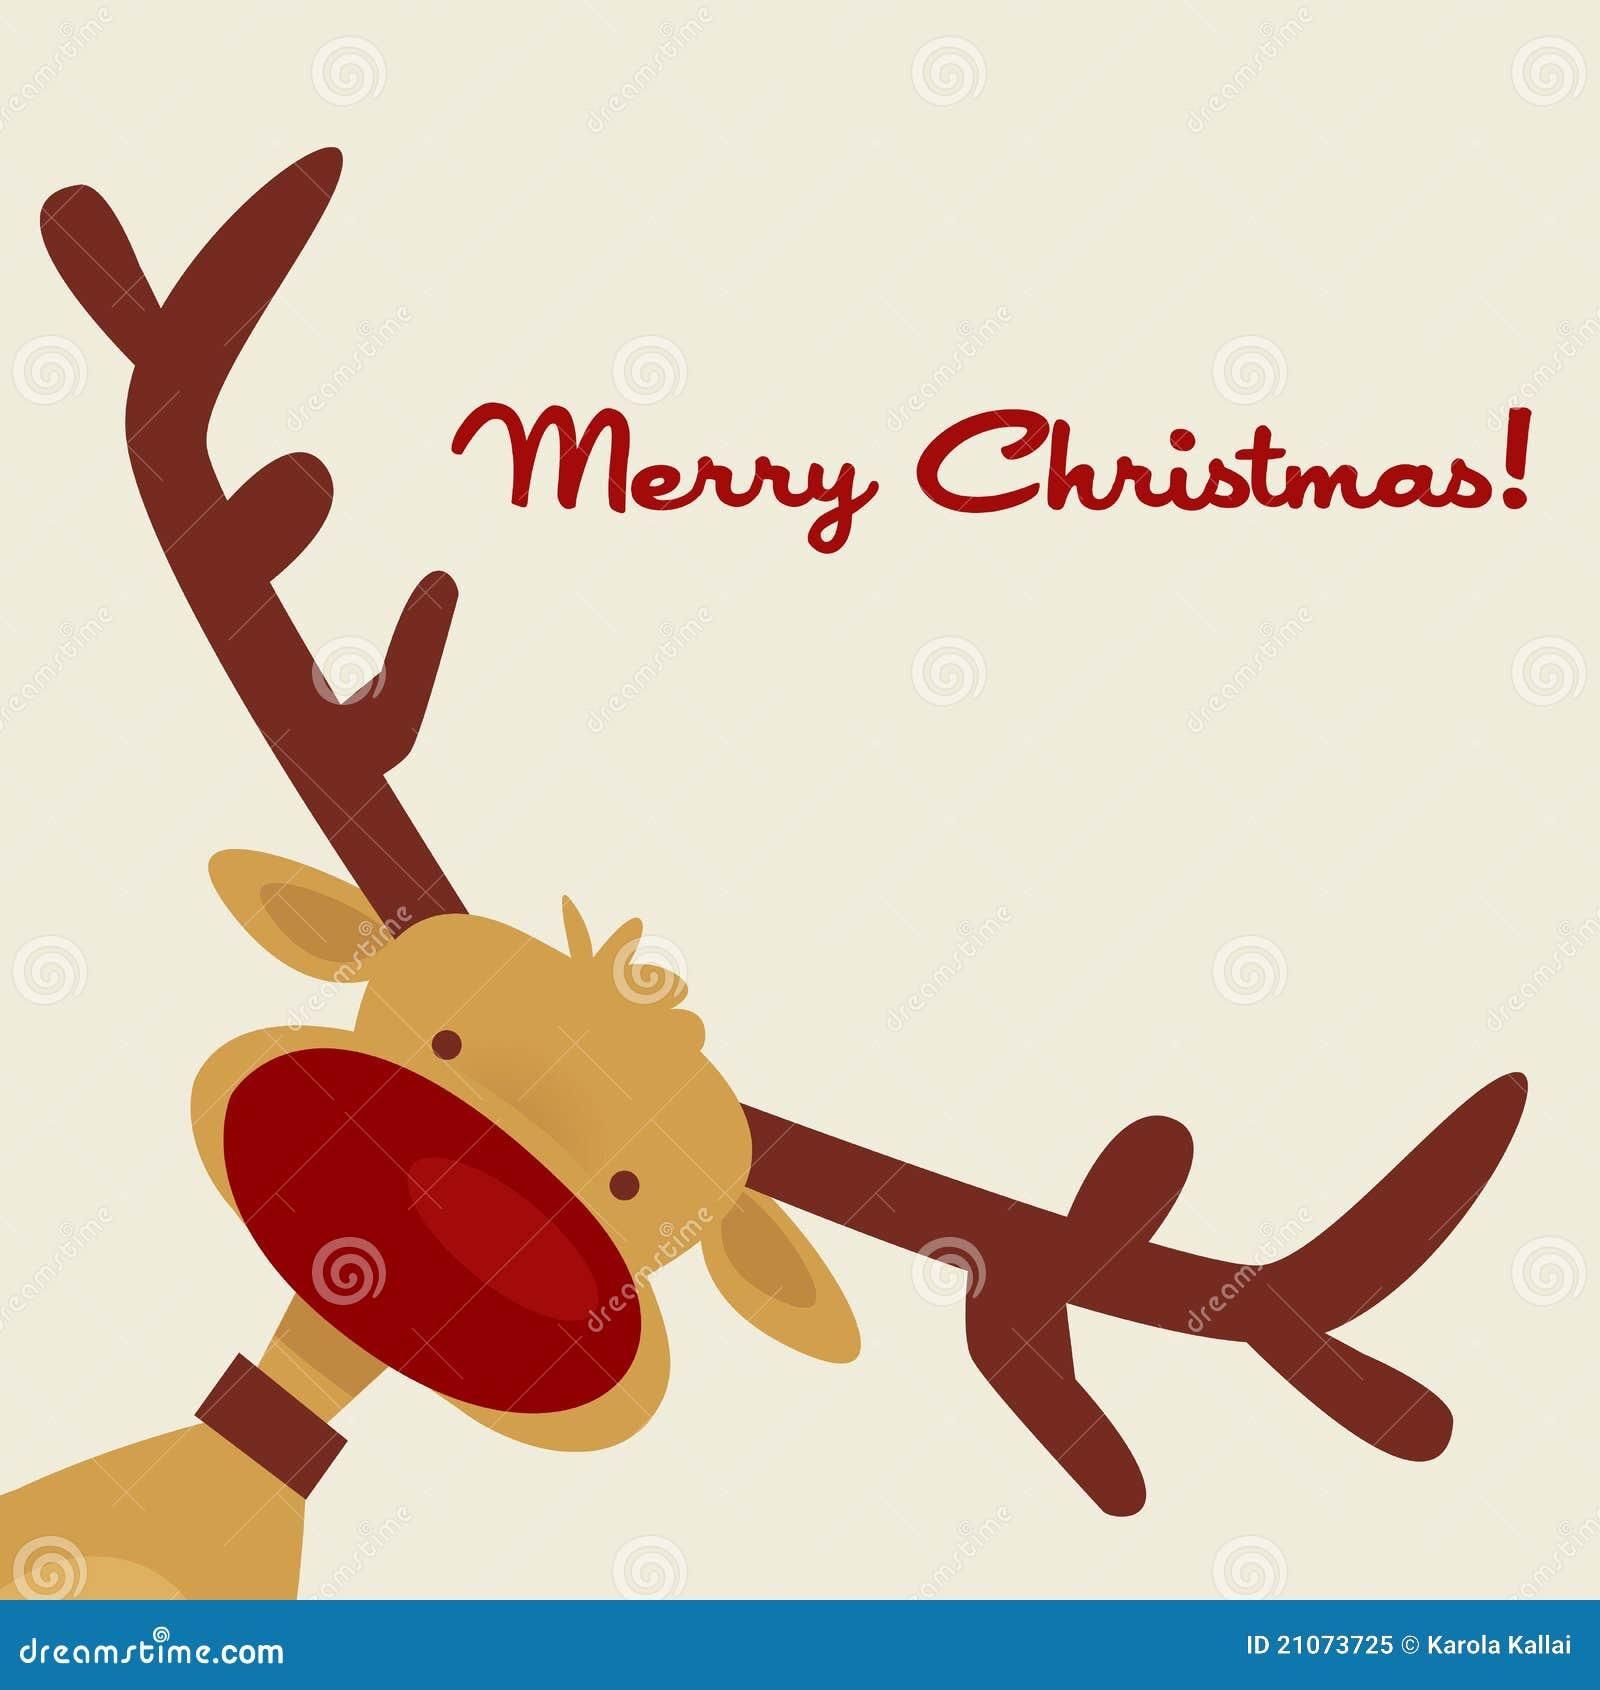 Immagini Natale Renne.Cartolina Di Natale Con La Renna Illustrazione Vettoriale